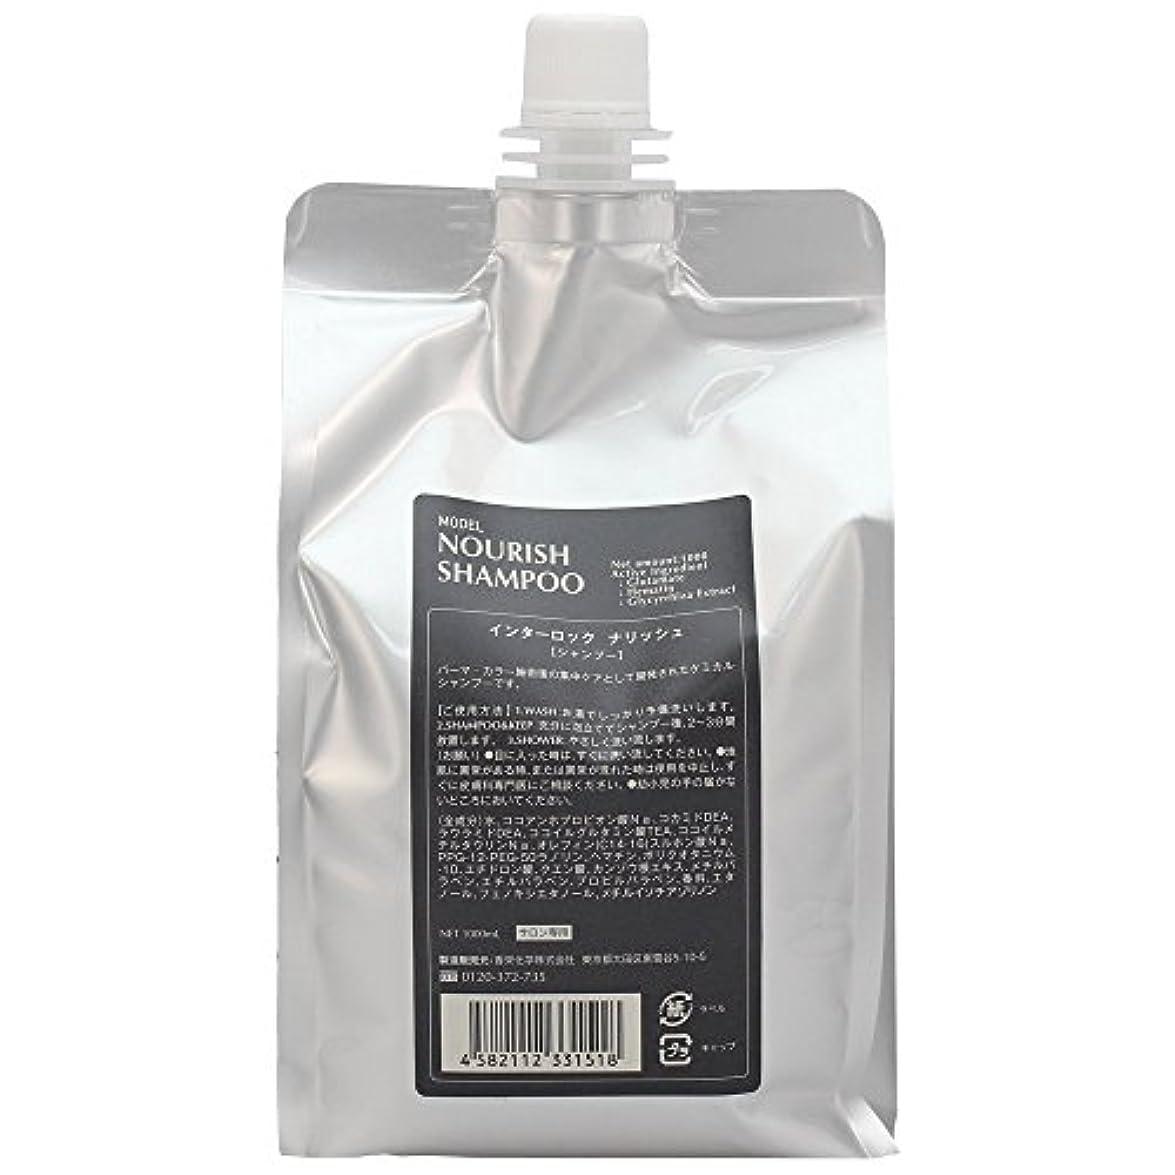 欠乏唯物論高価な香栄化学 ナリッシュシャンプー レフィル 1000ml